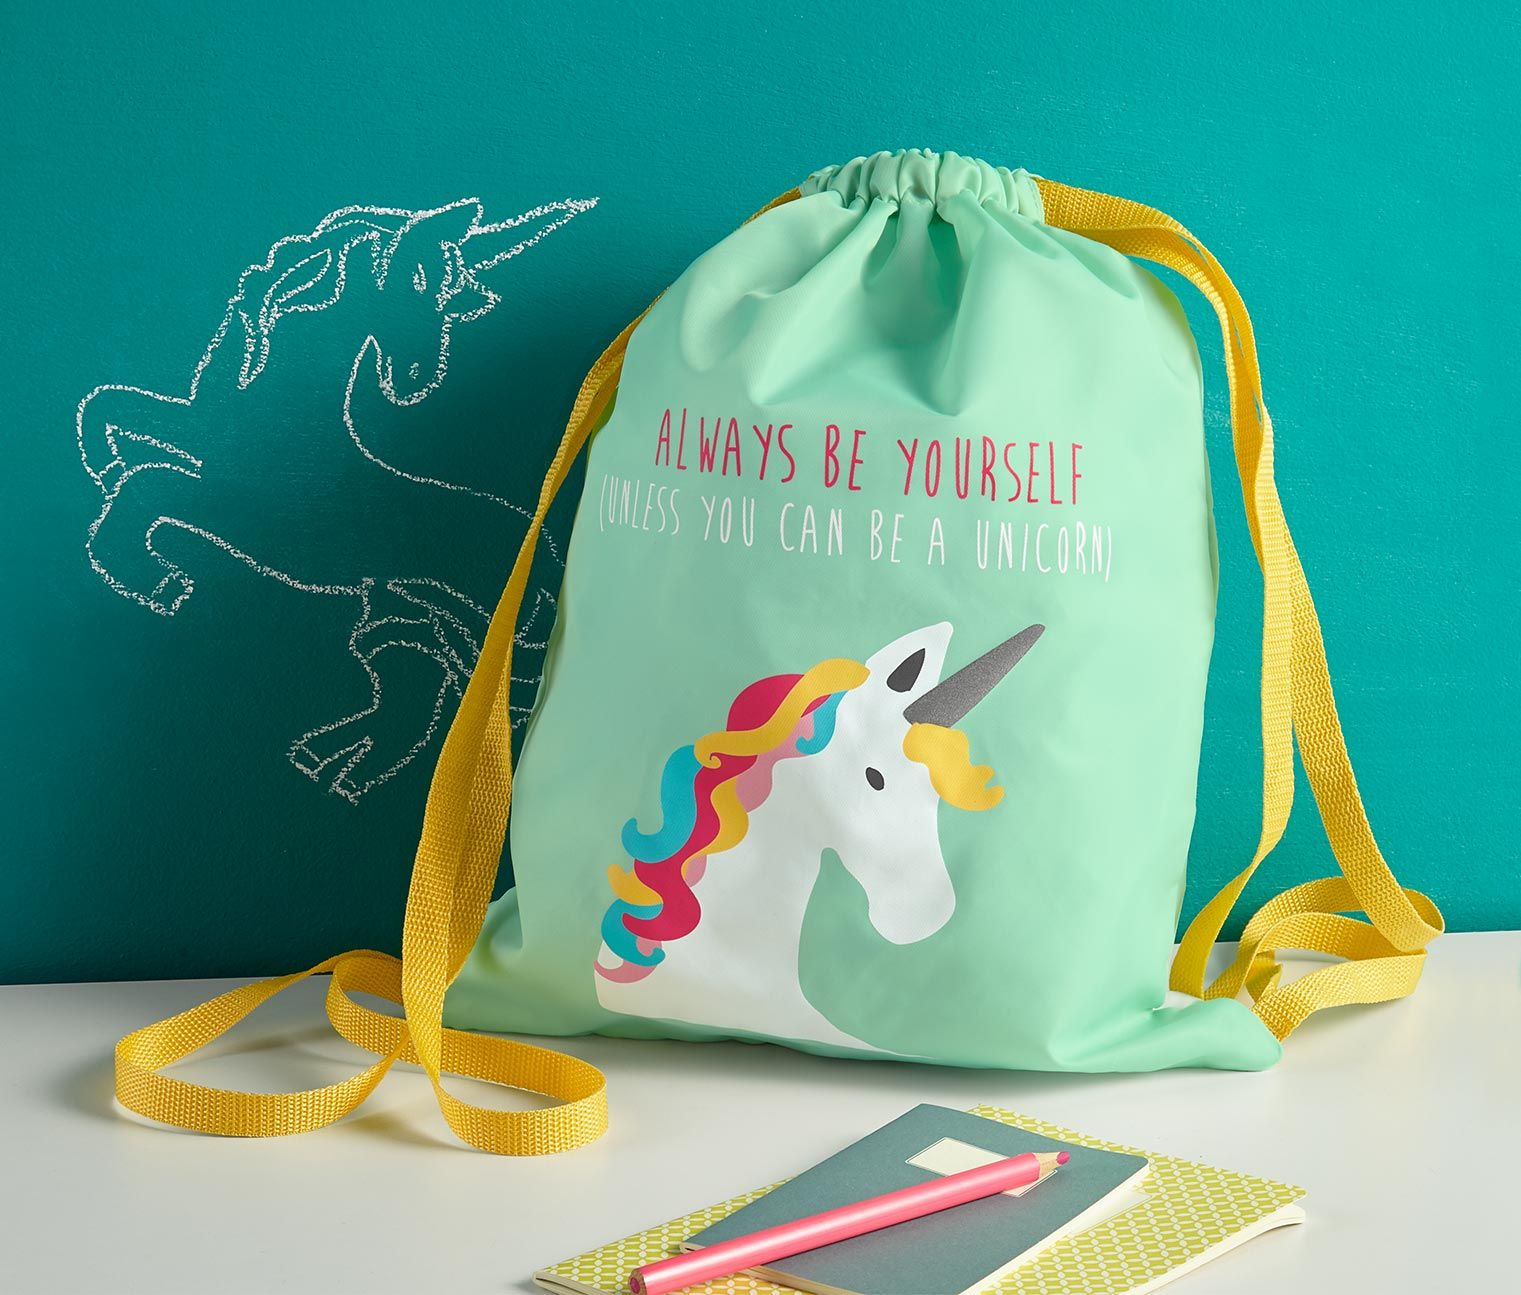 großartiges Aussehen populärer Stil 100% authentifiziert tchibo sportbeutel - Google-Suche   1.schultag   Backpacks ...